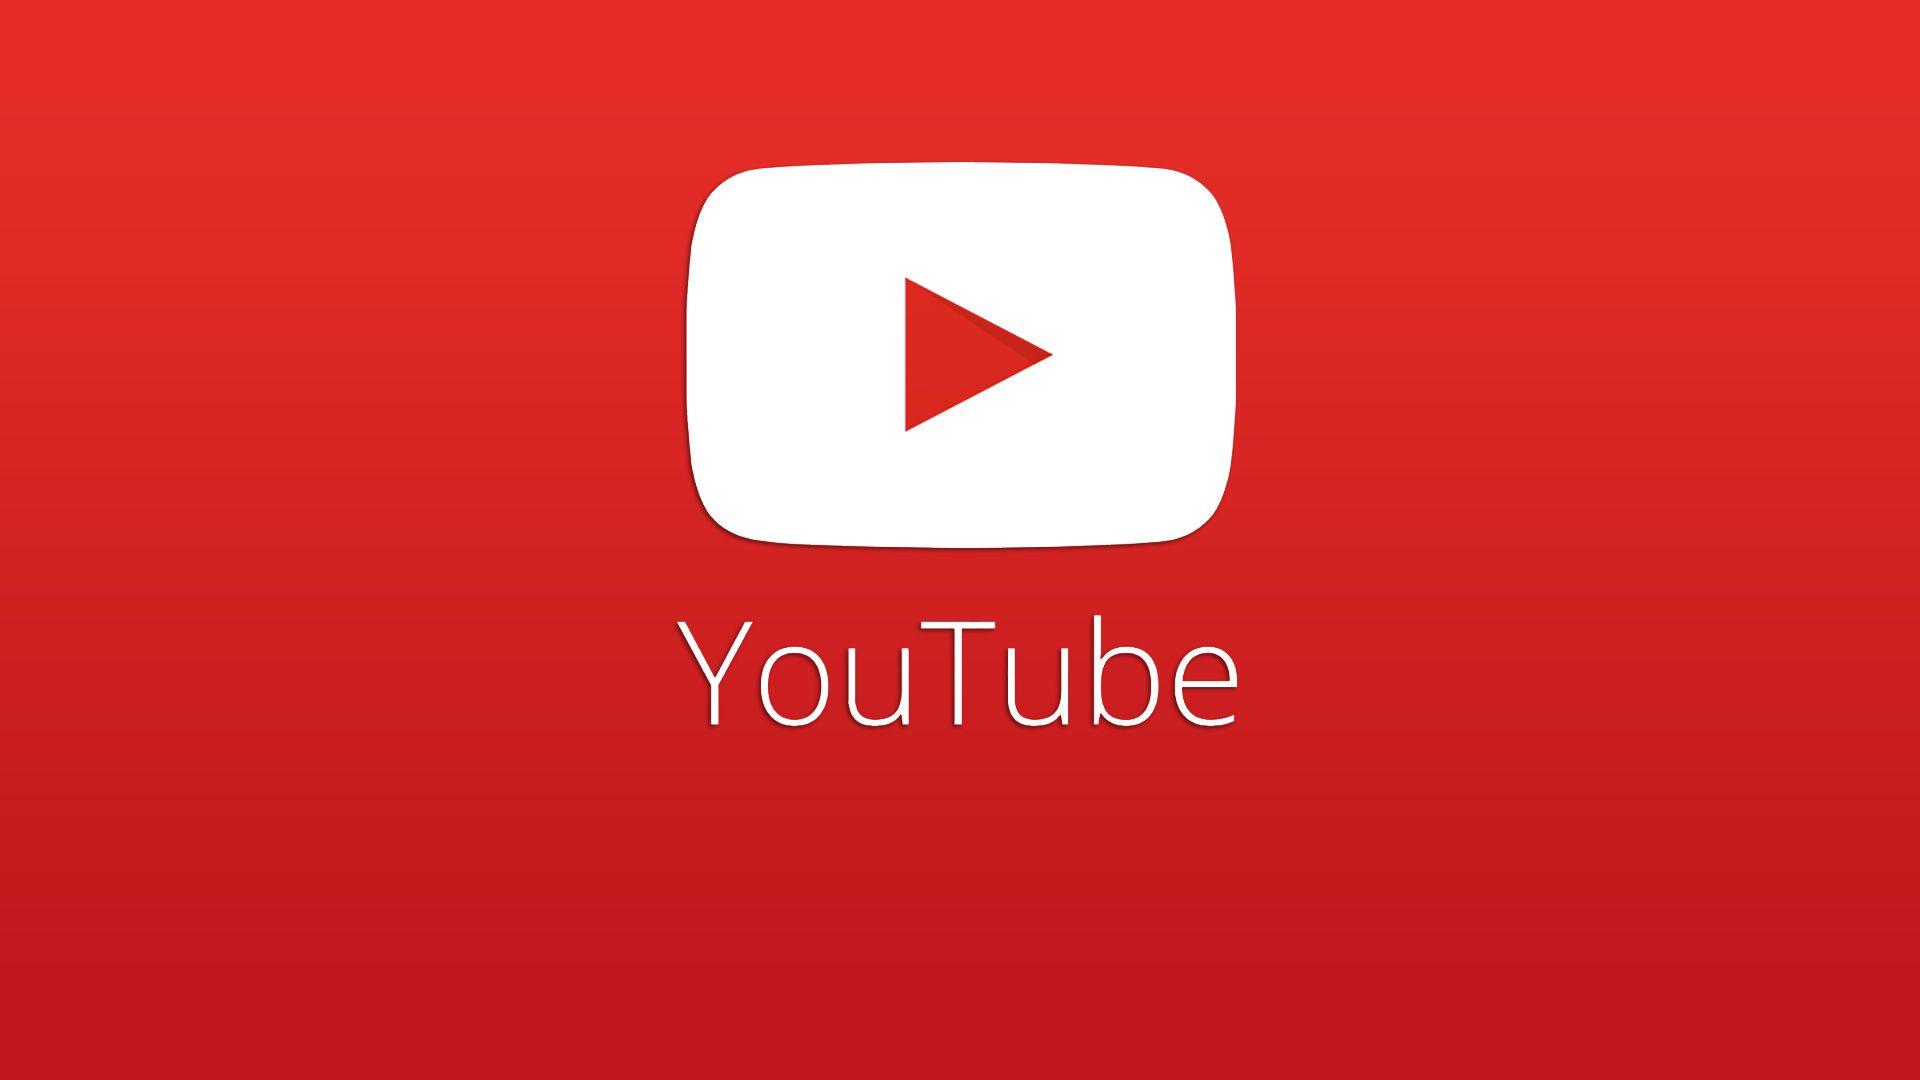 Youtube ecco la diretta streaming da mobile for Diretta notizie